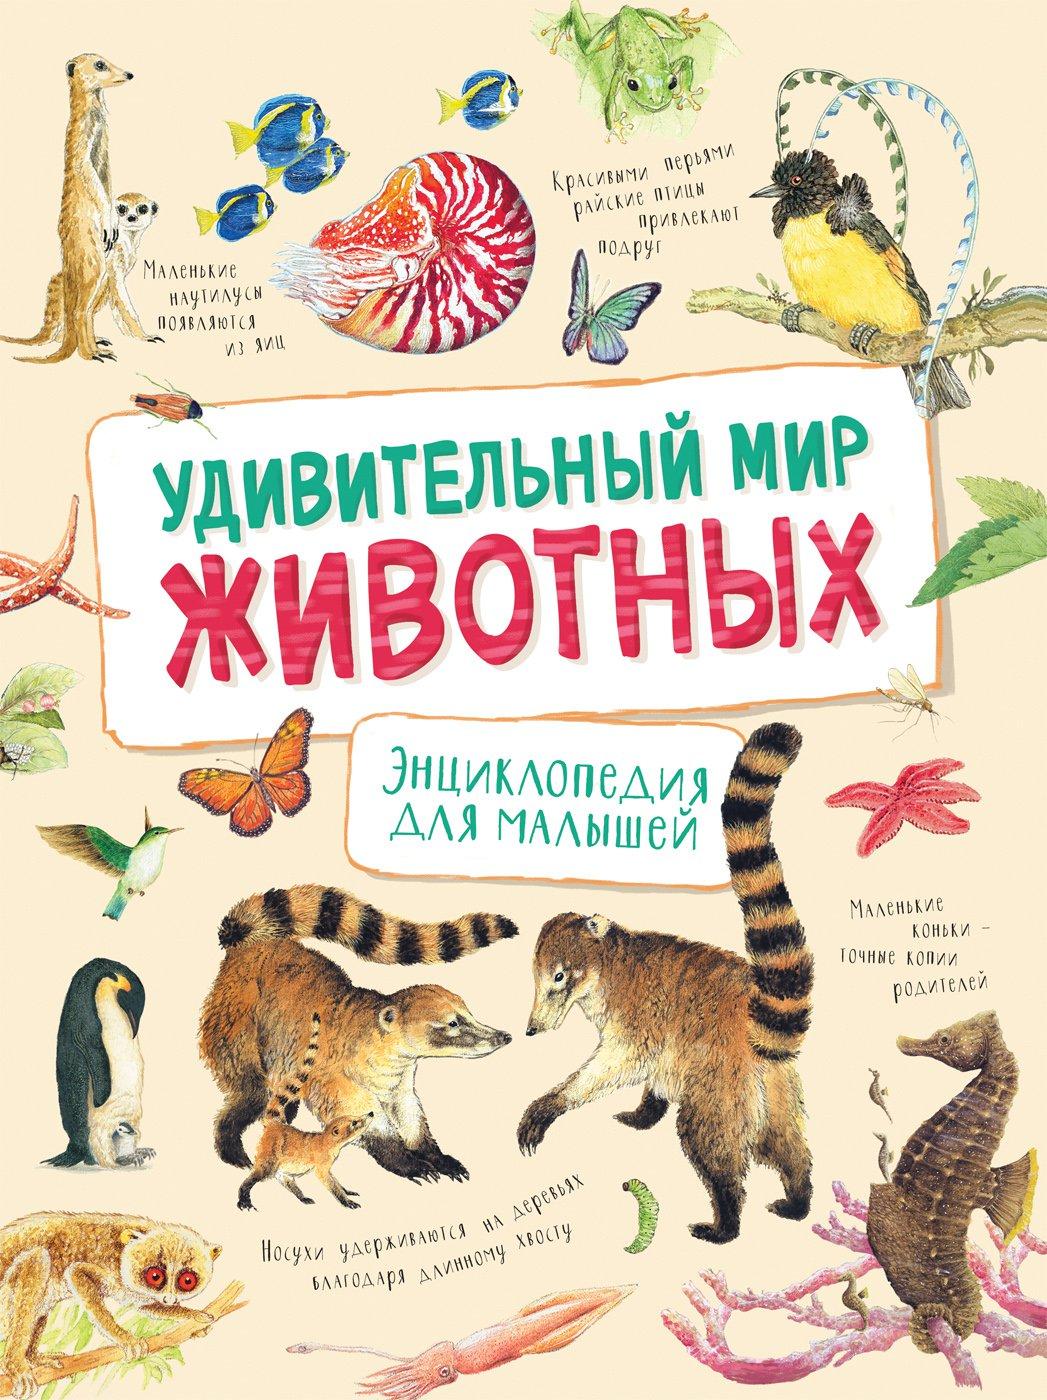 Удивительный мир животных. Энциклопедия для малышей